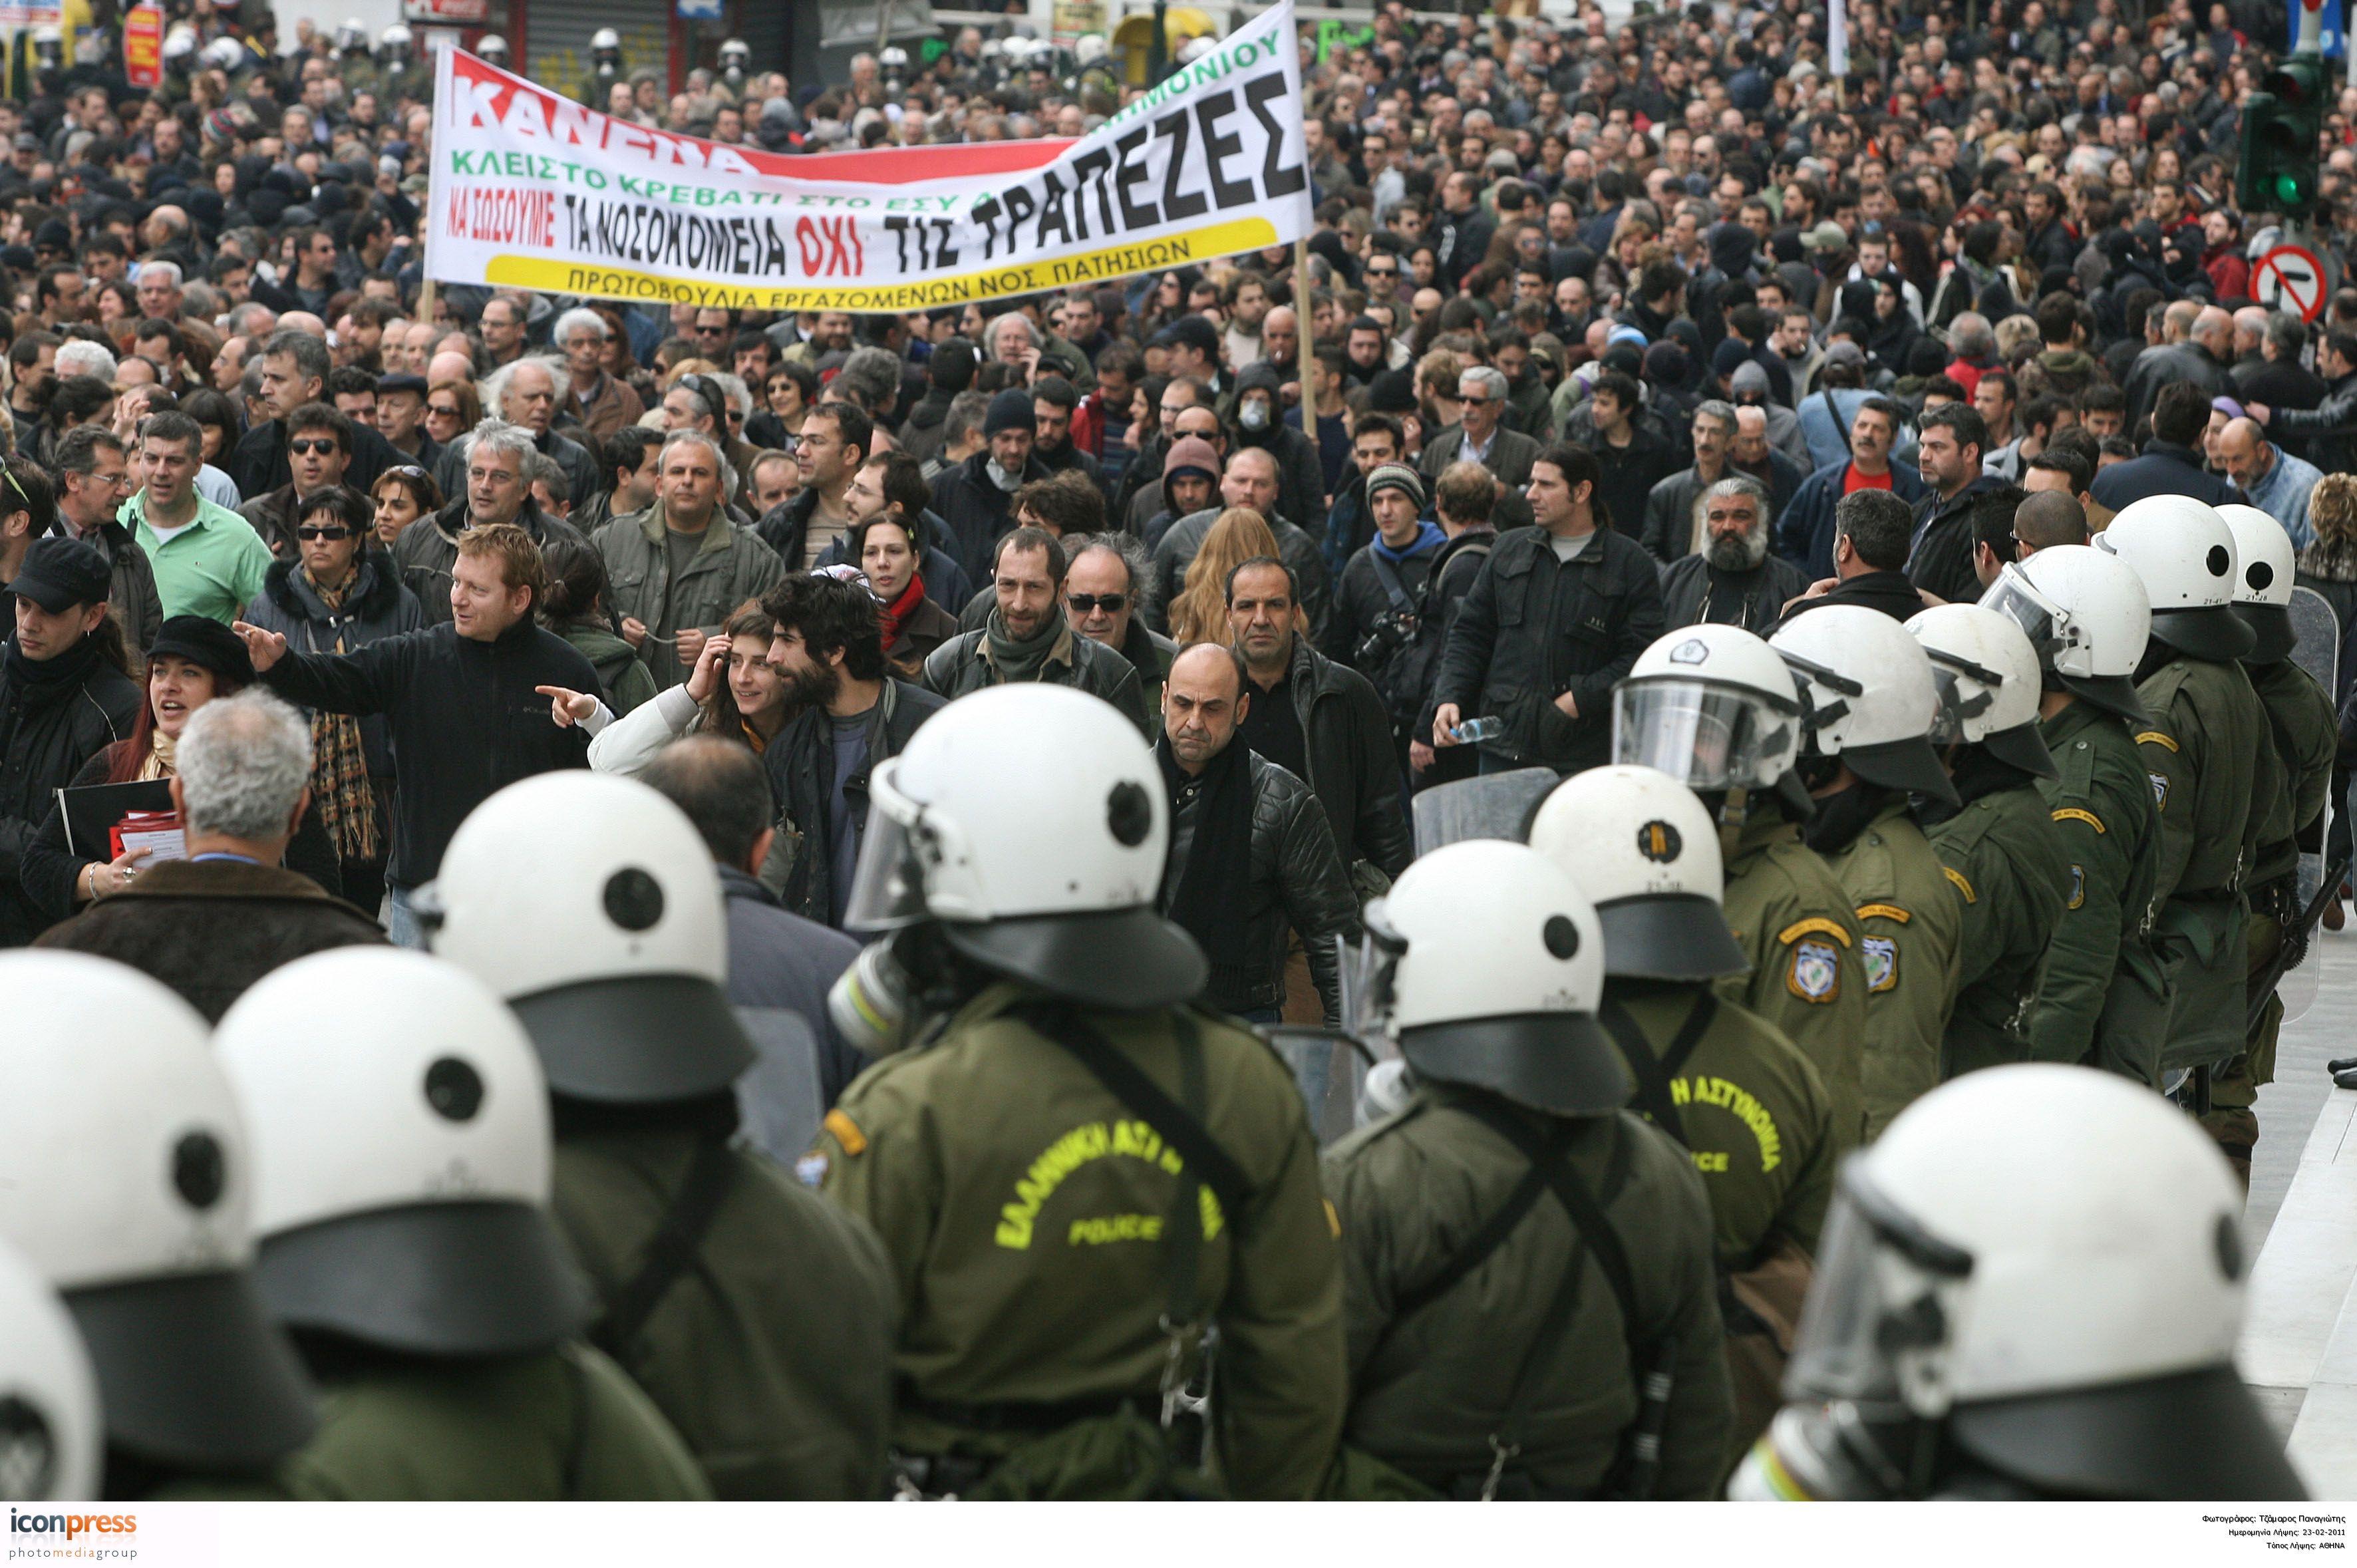 Εβδομάδα κινητοποιήσεων – γενική απεργία στις 19 Οκτωβρίου   tovima.gr